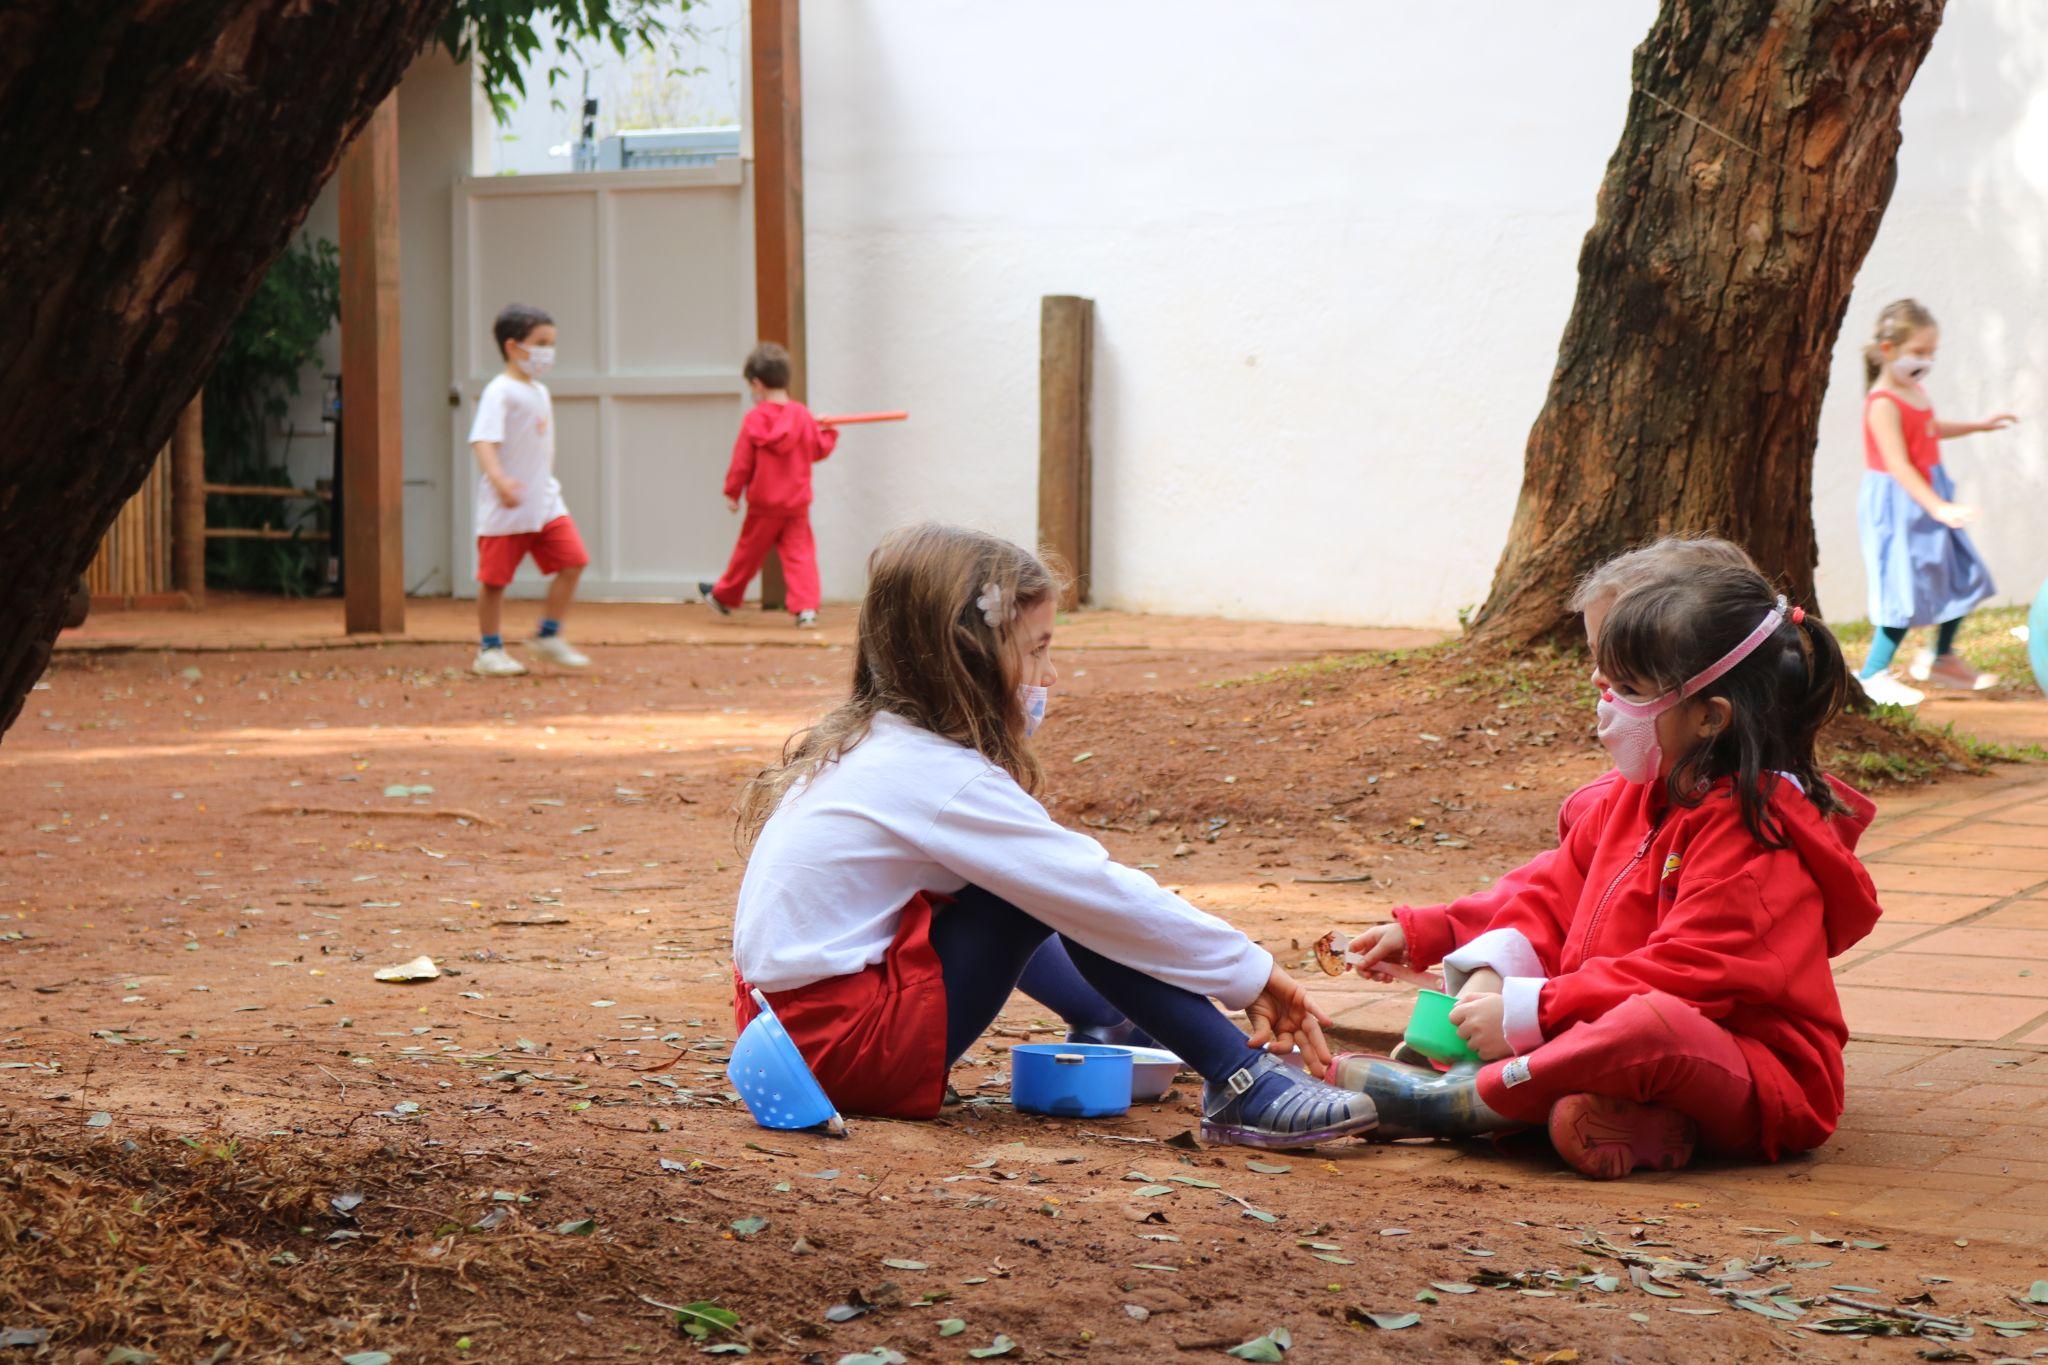 A imagem mostra crianças conversando sentadas em um quintal de terra.